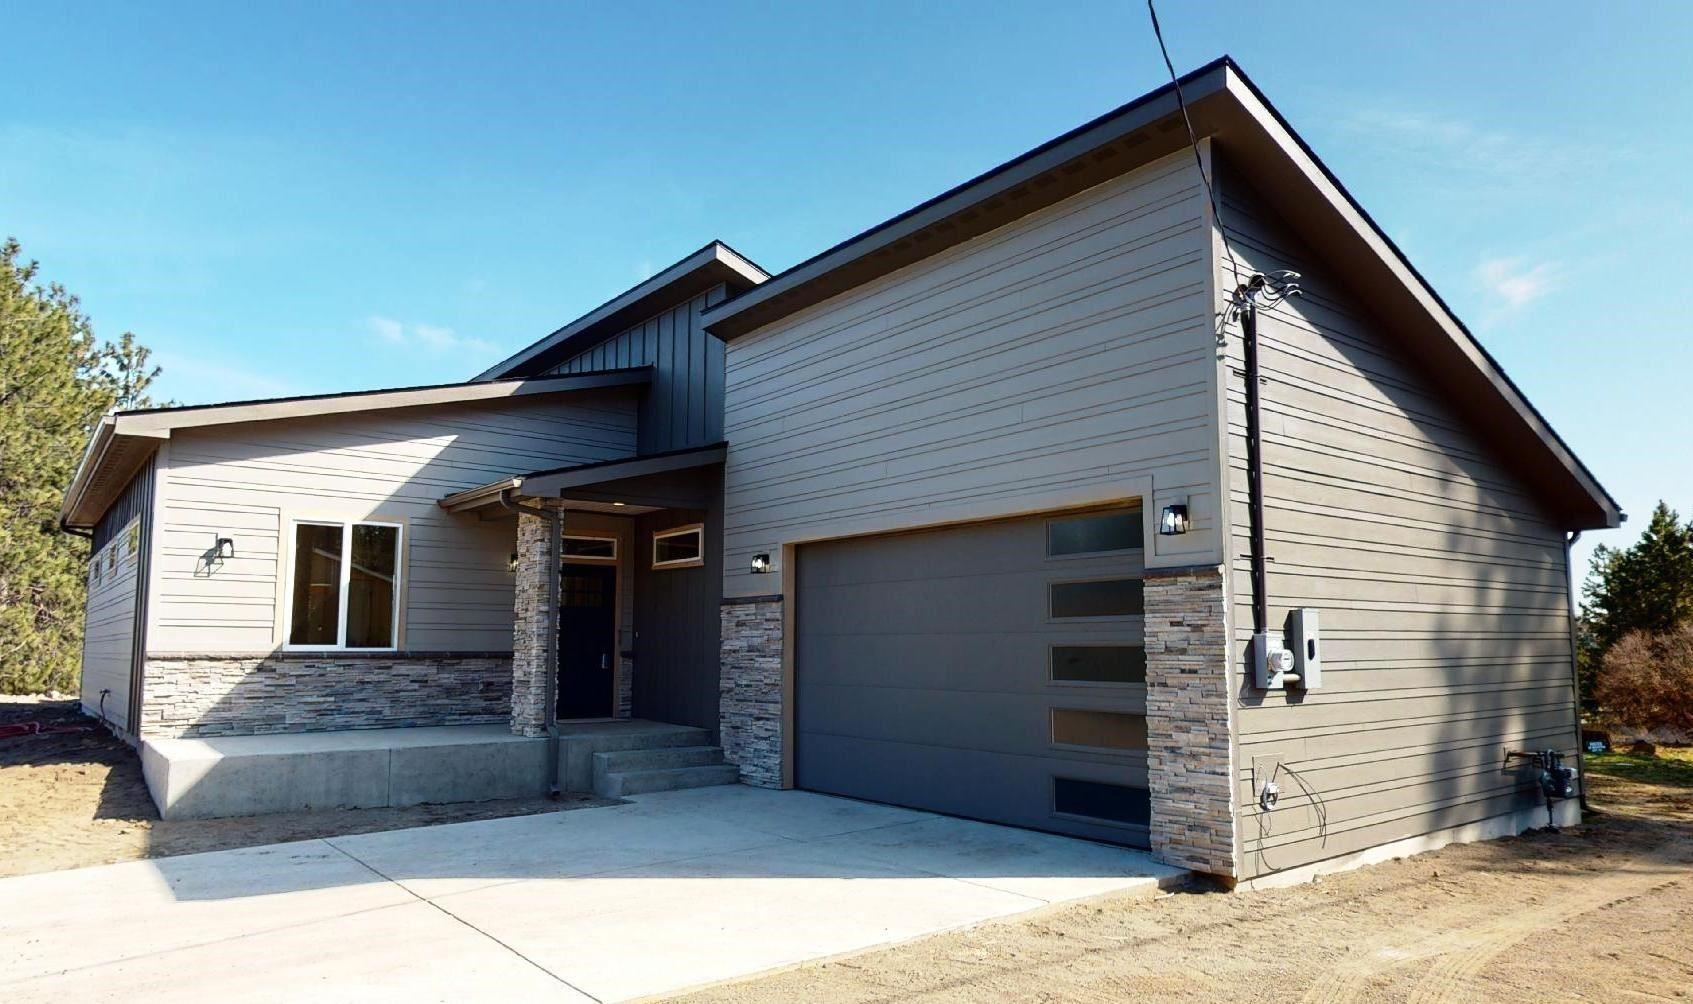 3031 W Hartson Ave, Spokane, WA 99224 - #: 202112717